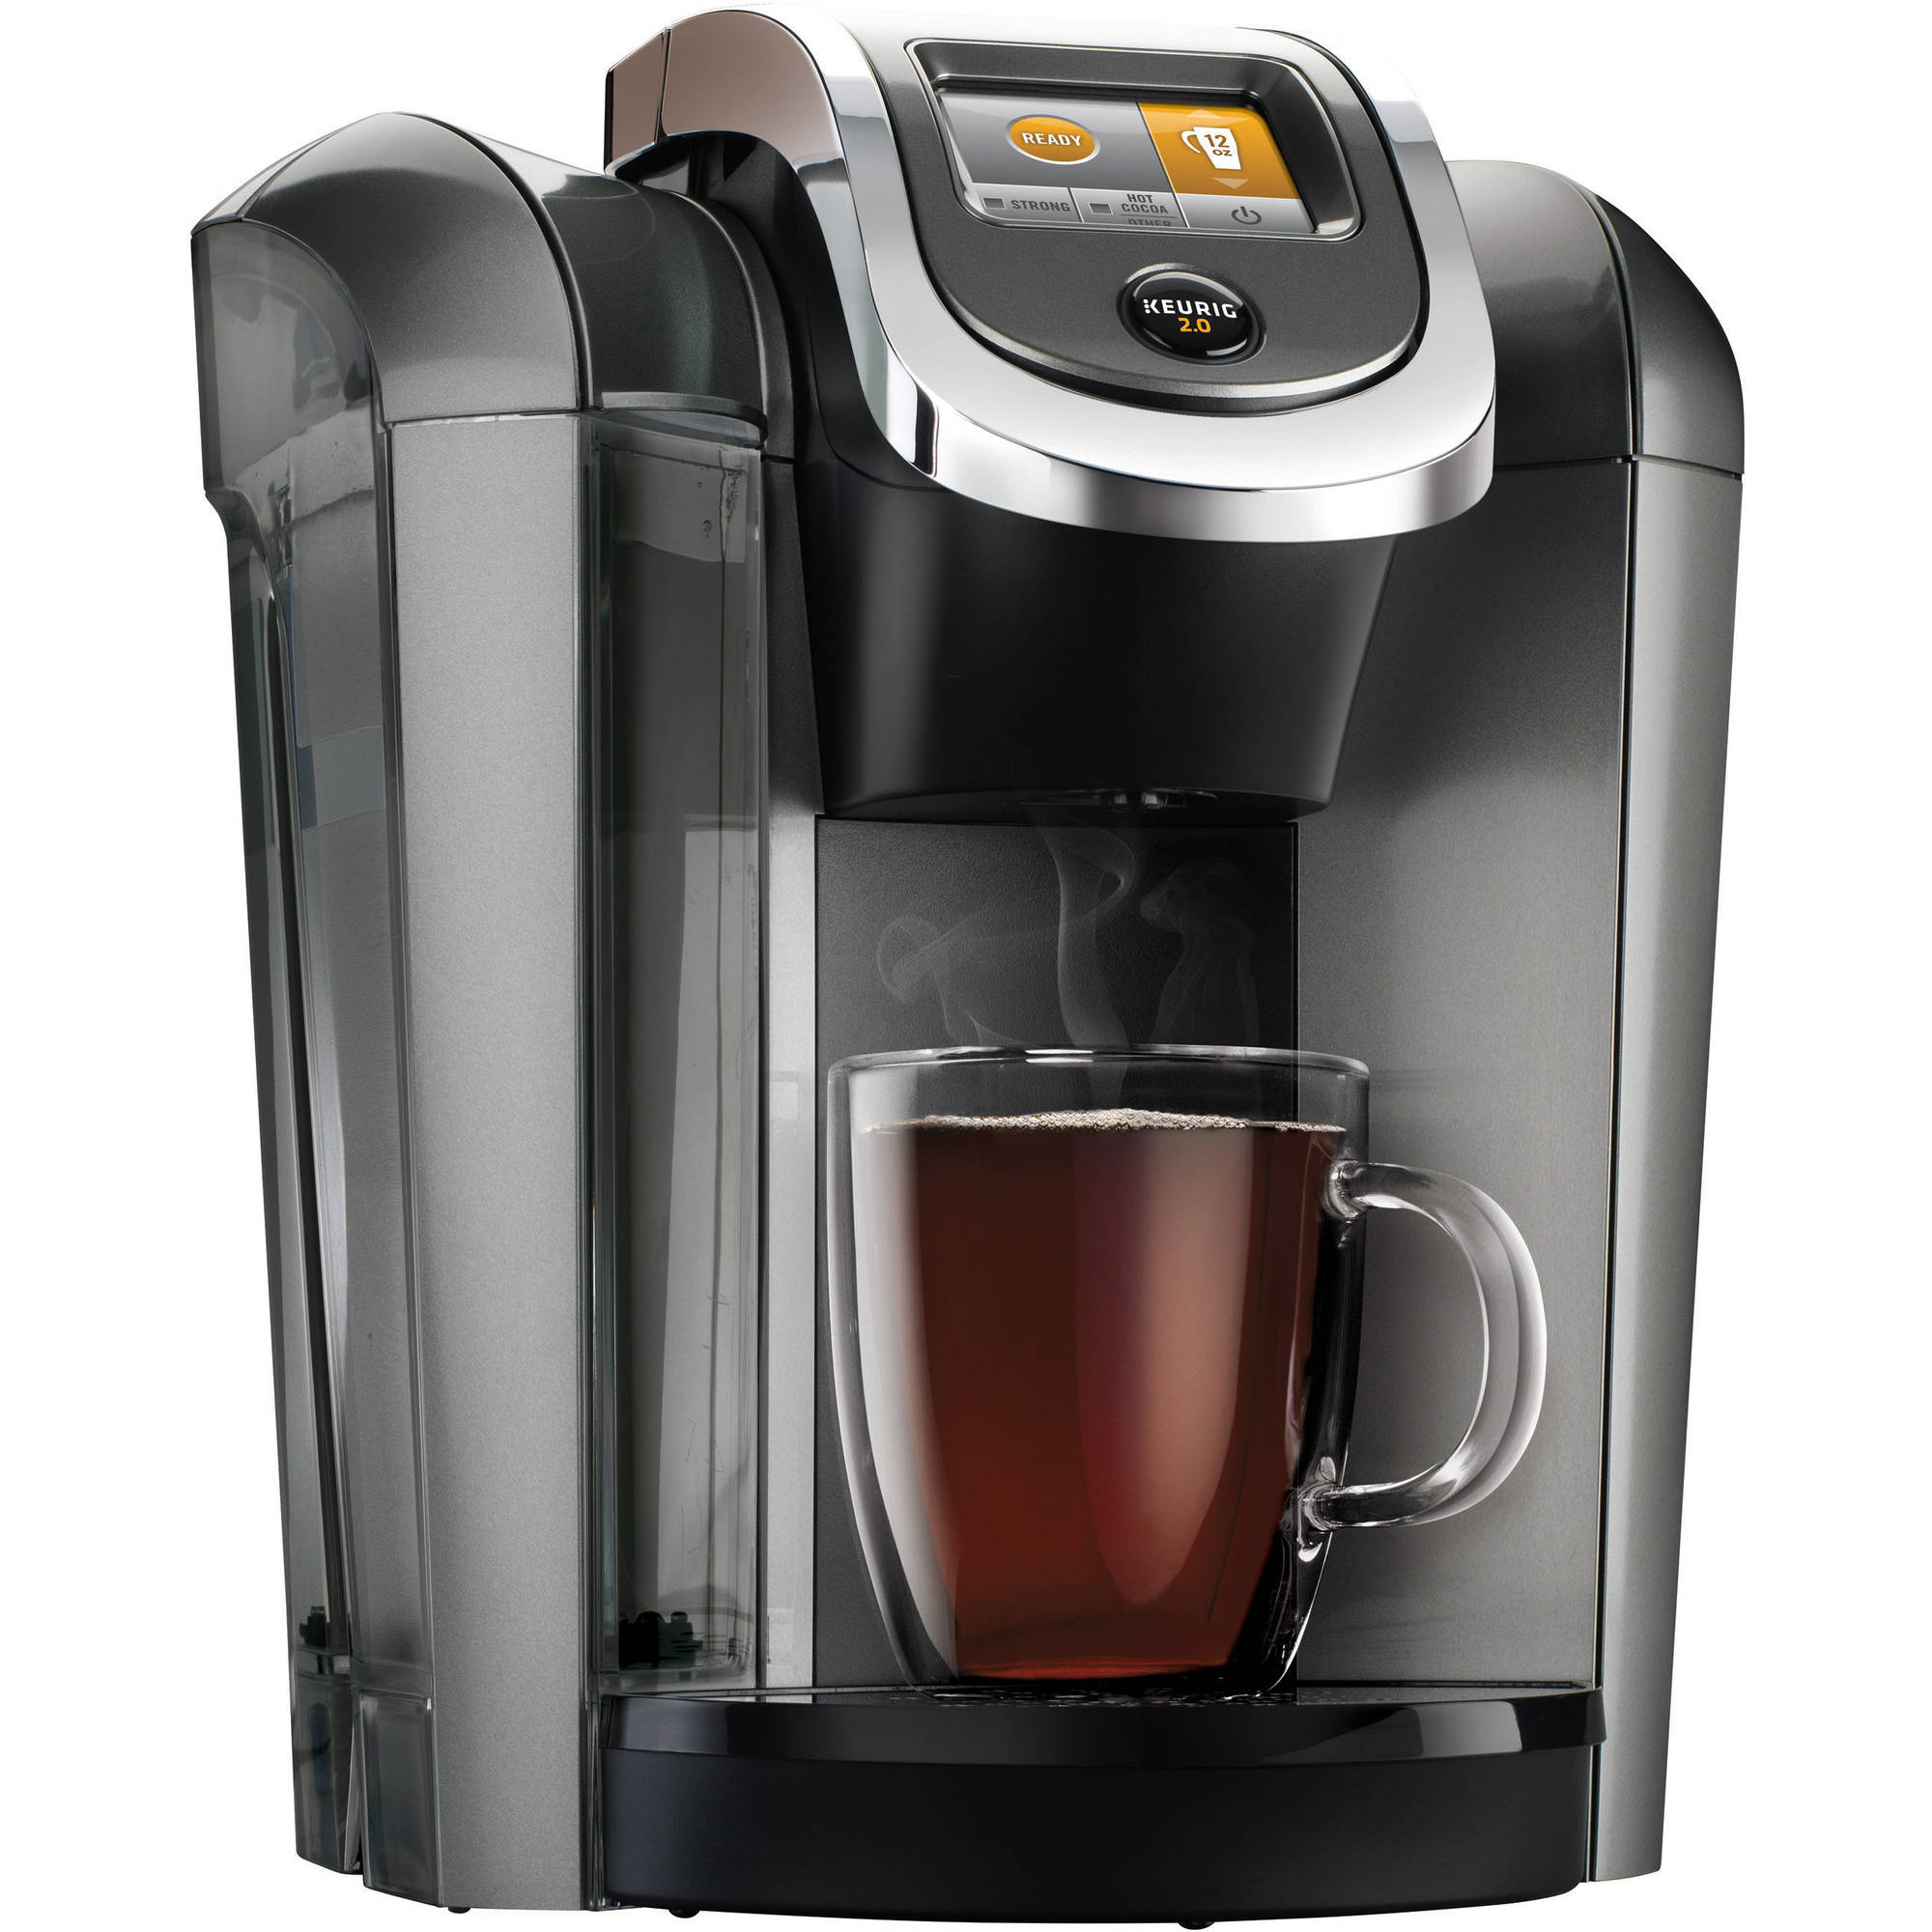 Keurig K525 Coffee Maker, Platinum